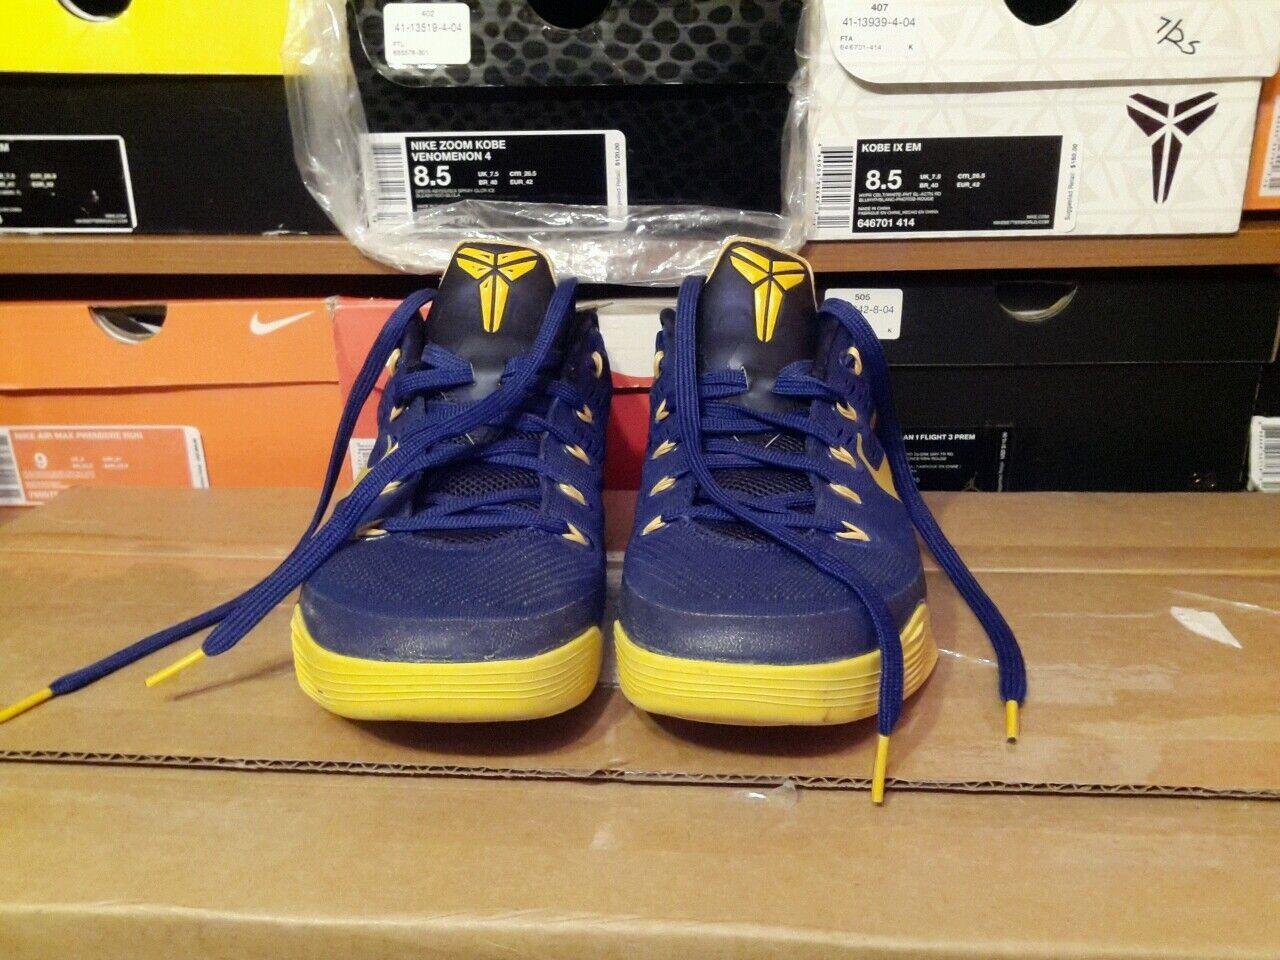 Le scarpe nike kobe uomo blu giallo raro piacere zoom mamba